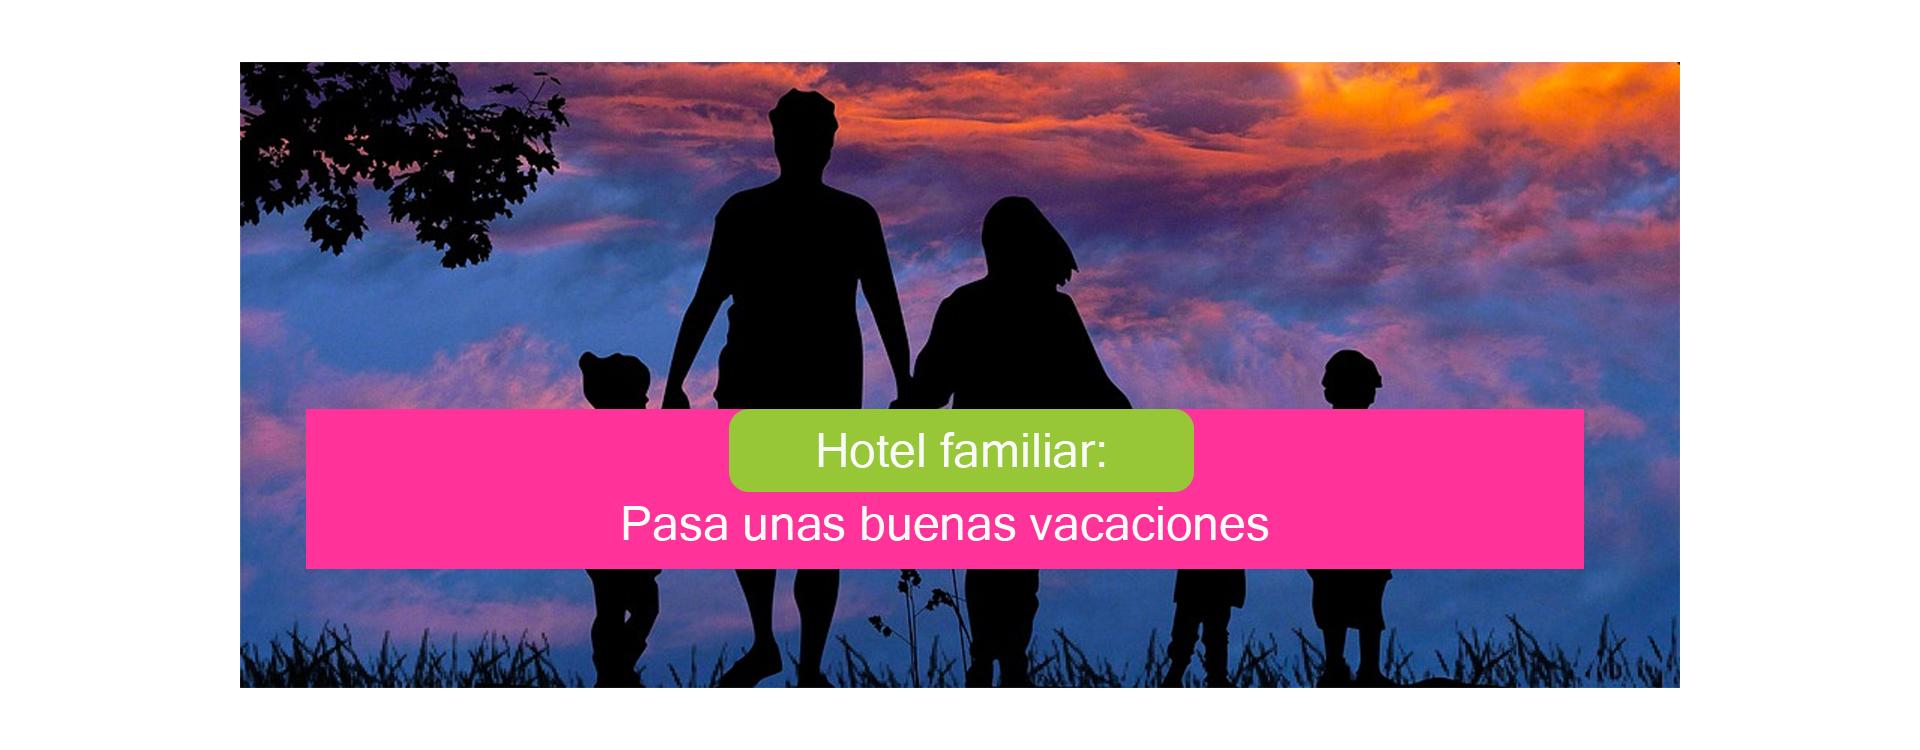 Hoteles para familias numerosas: consejos para unas vacaciones divertidas